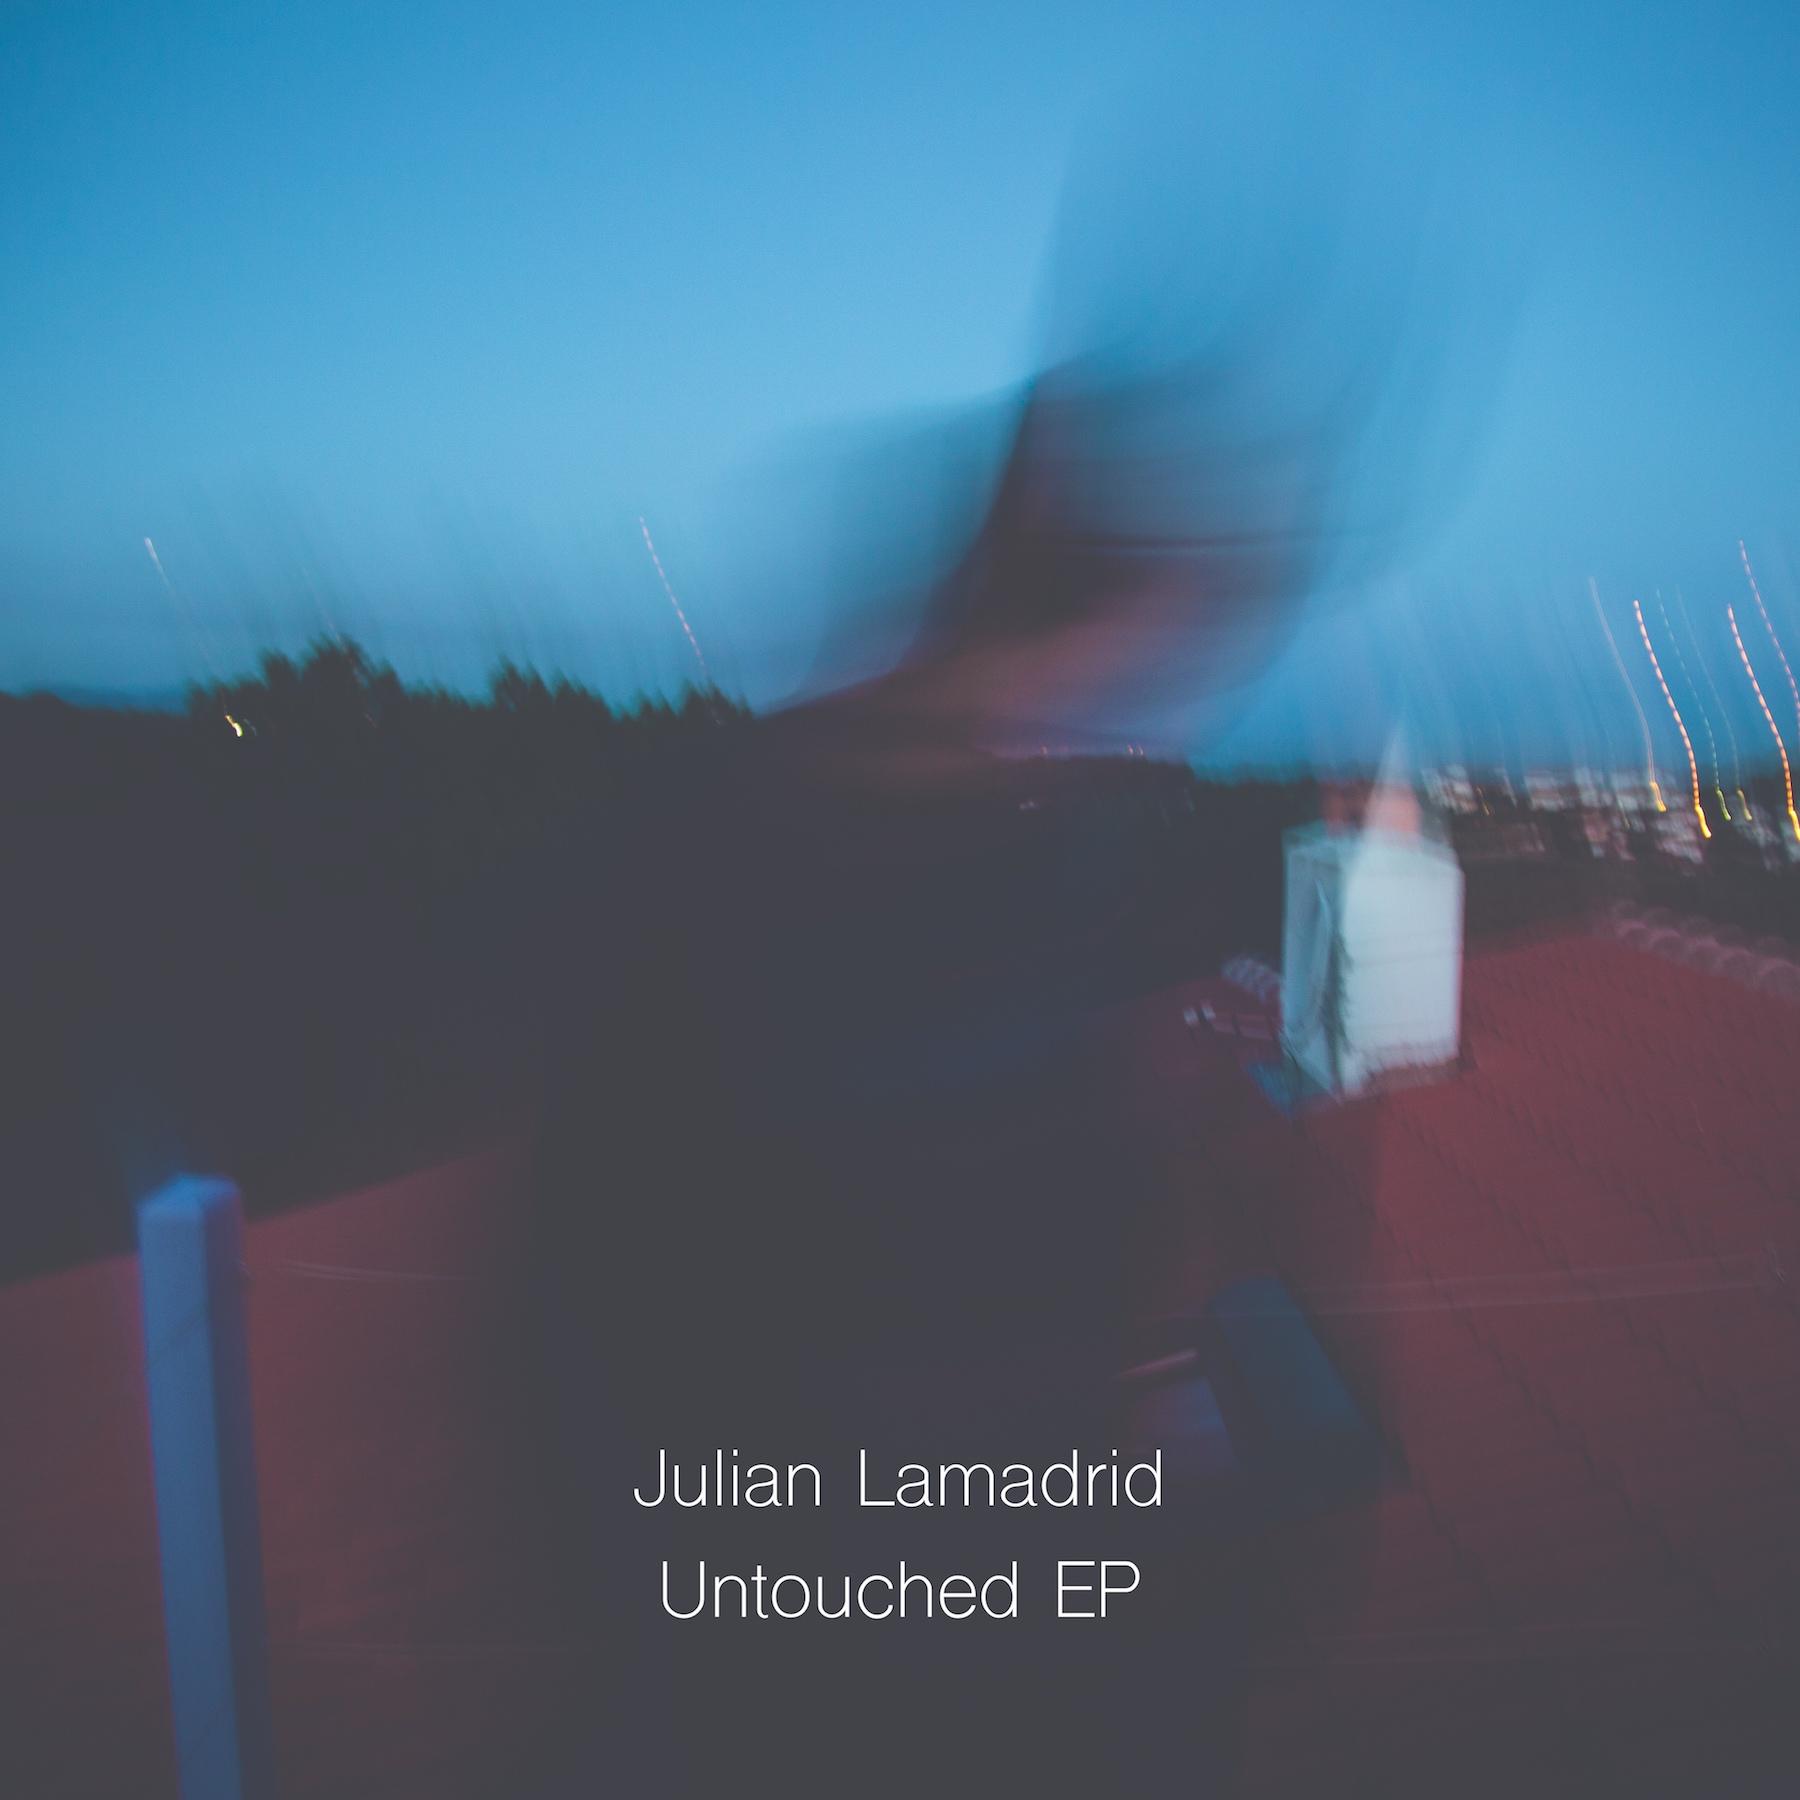 Julian Lamadrid - Marimba